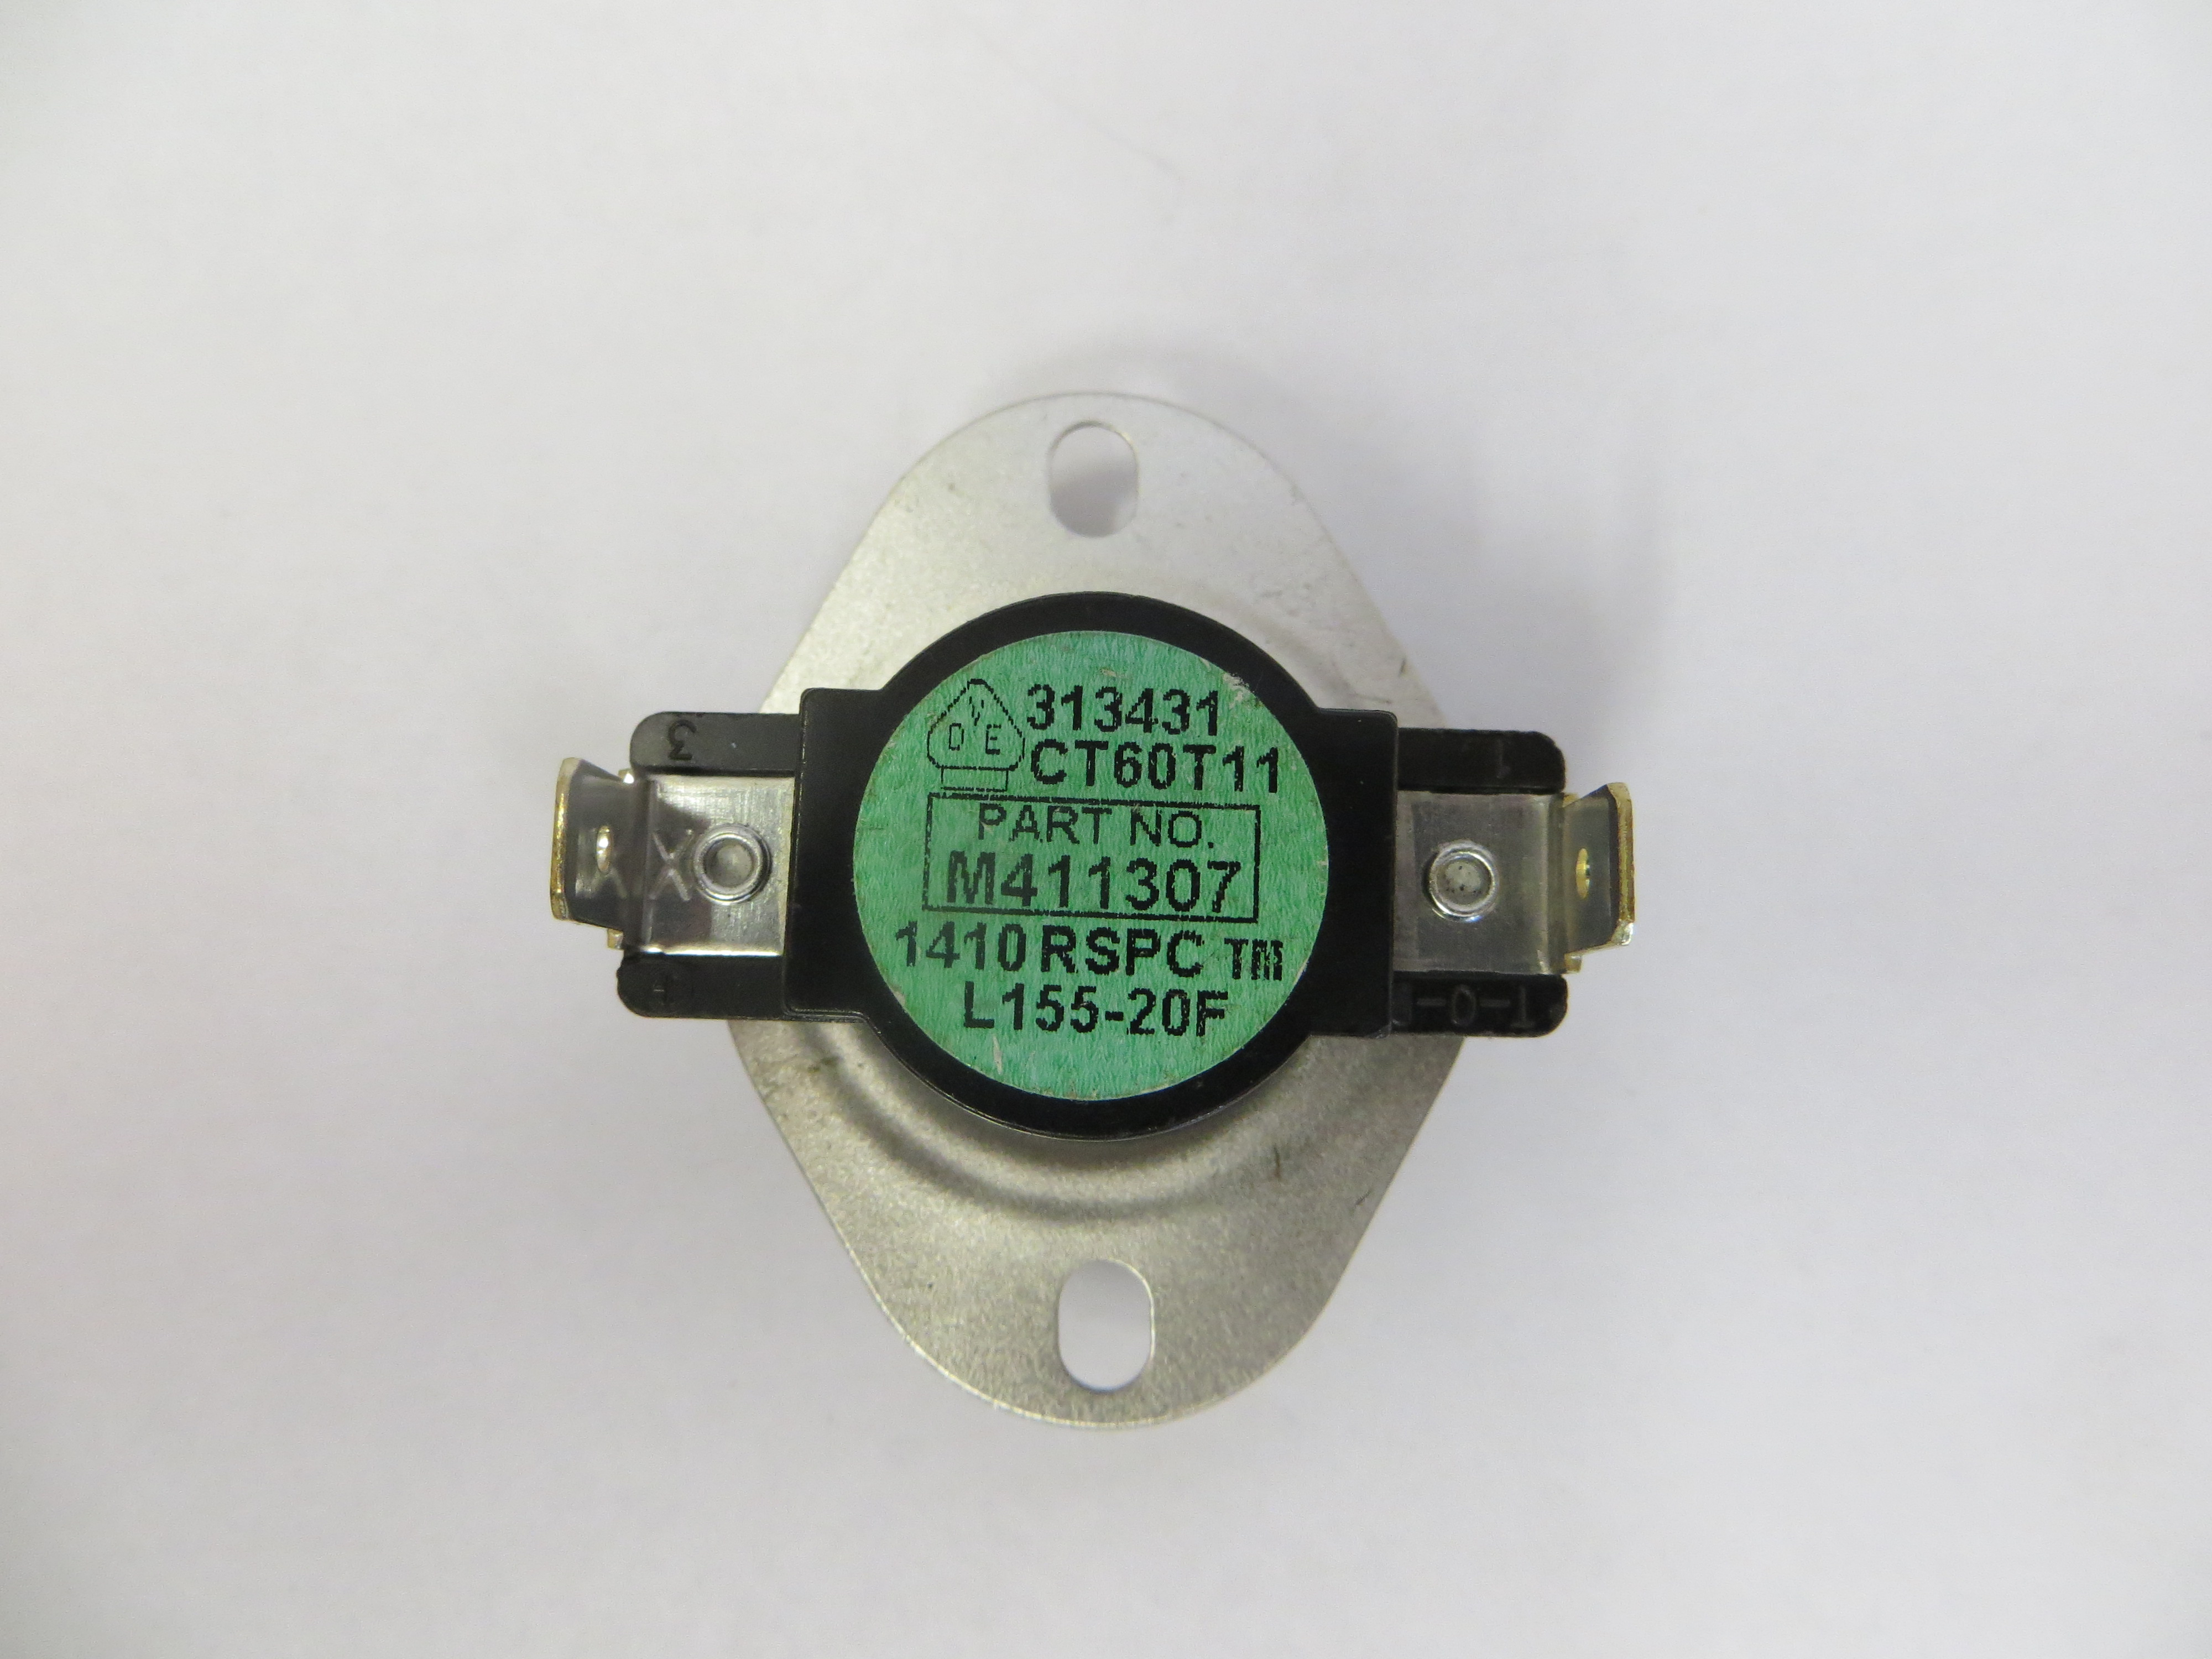 Thermostat Hi Limit 155F Green